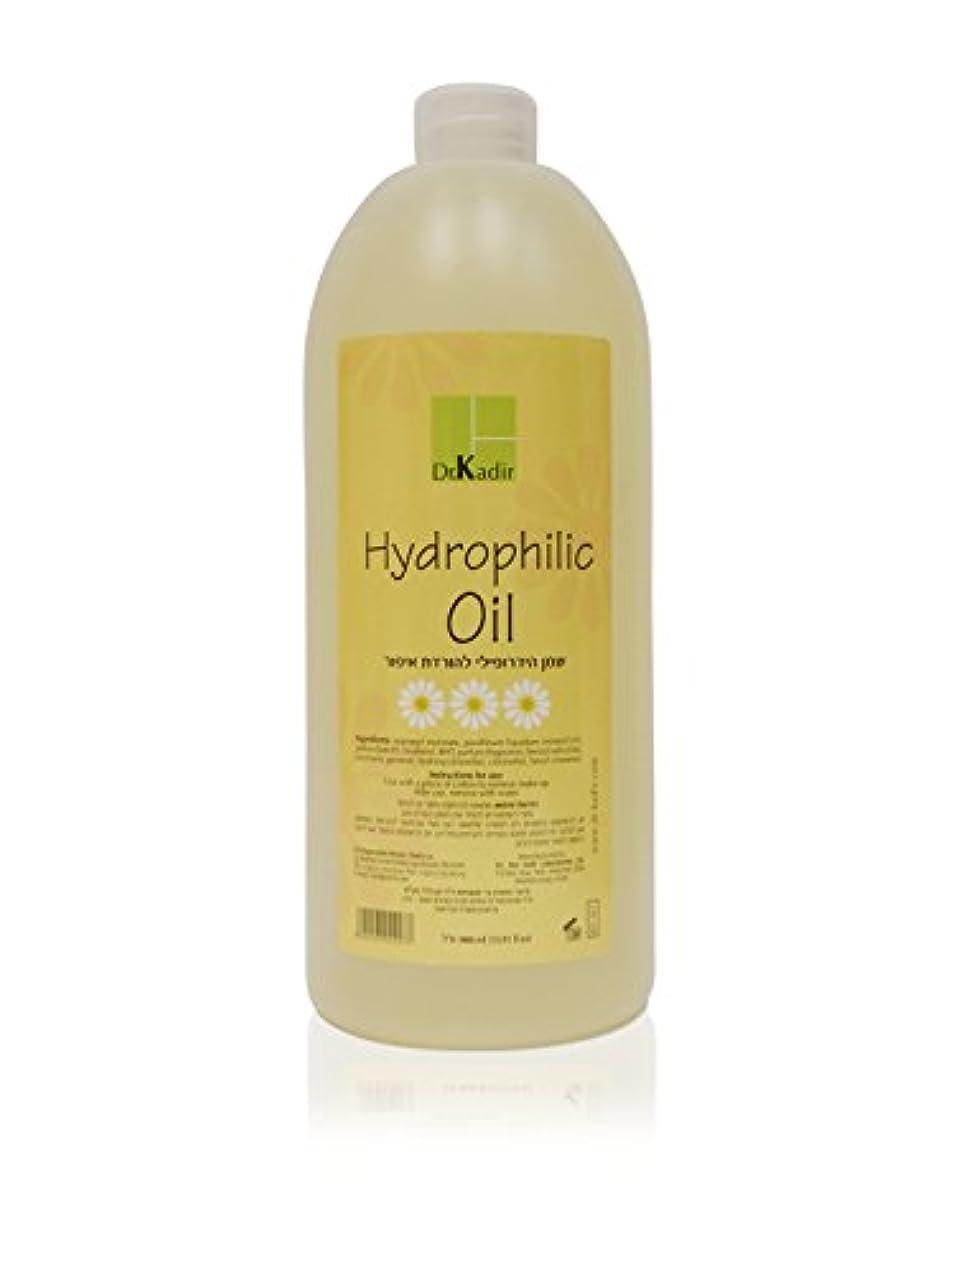 角度サポート強制的Dr. Kadir Hydrophilic Oil 1000ml